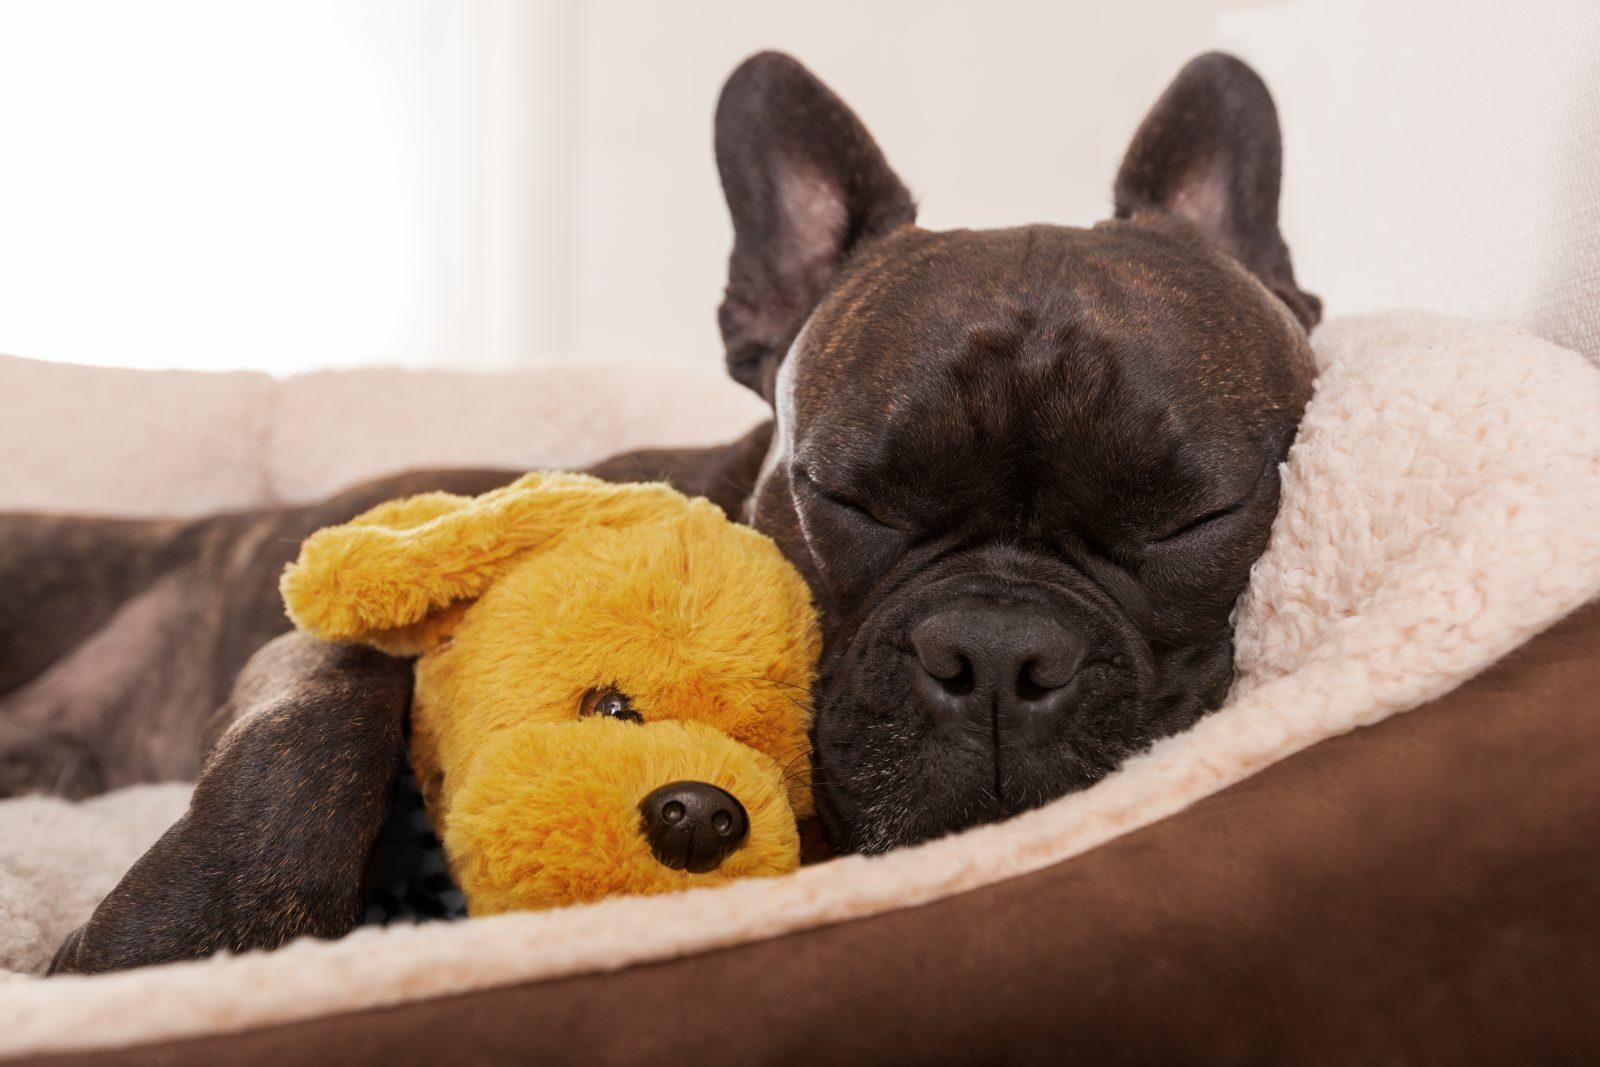 Regras para viajar com cachorro: Buldogue francês dormindo em sua cama quentinha e seu ursinho de estimação.